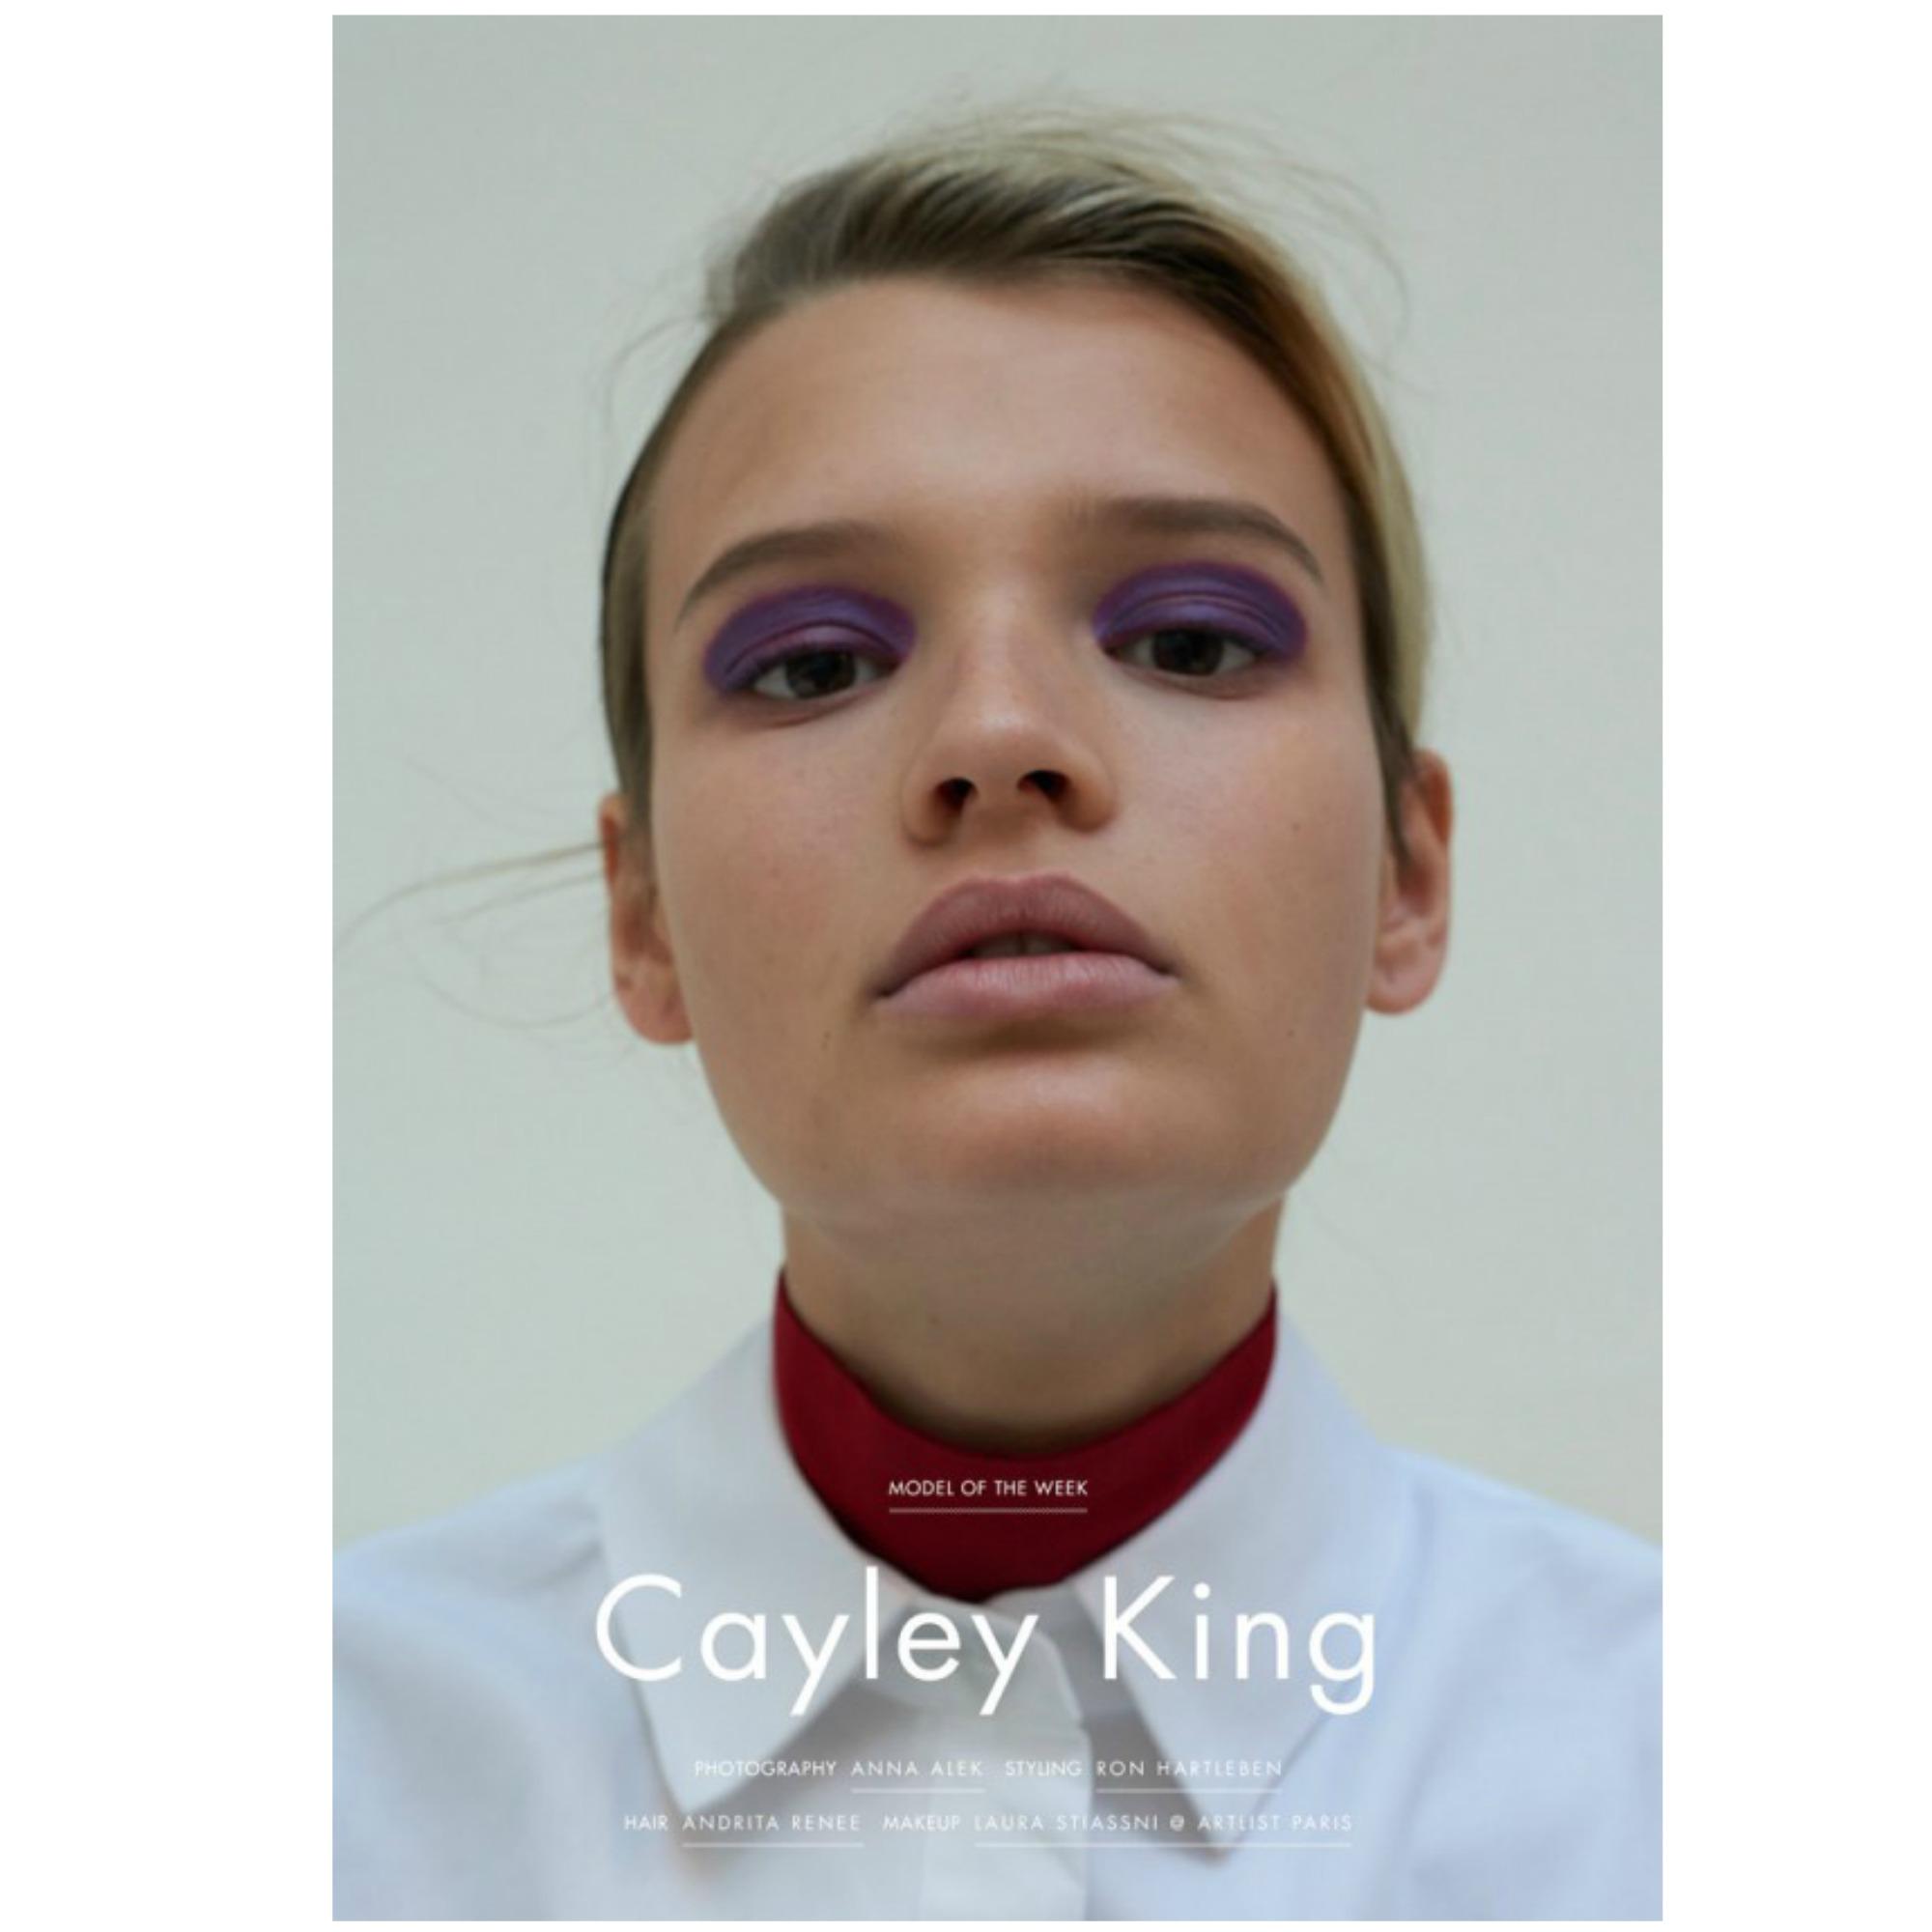 Ass Cayley King nude photos 2019